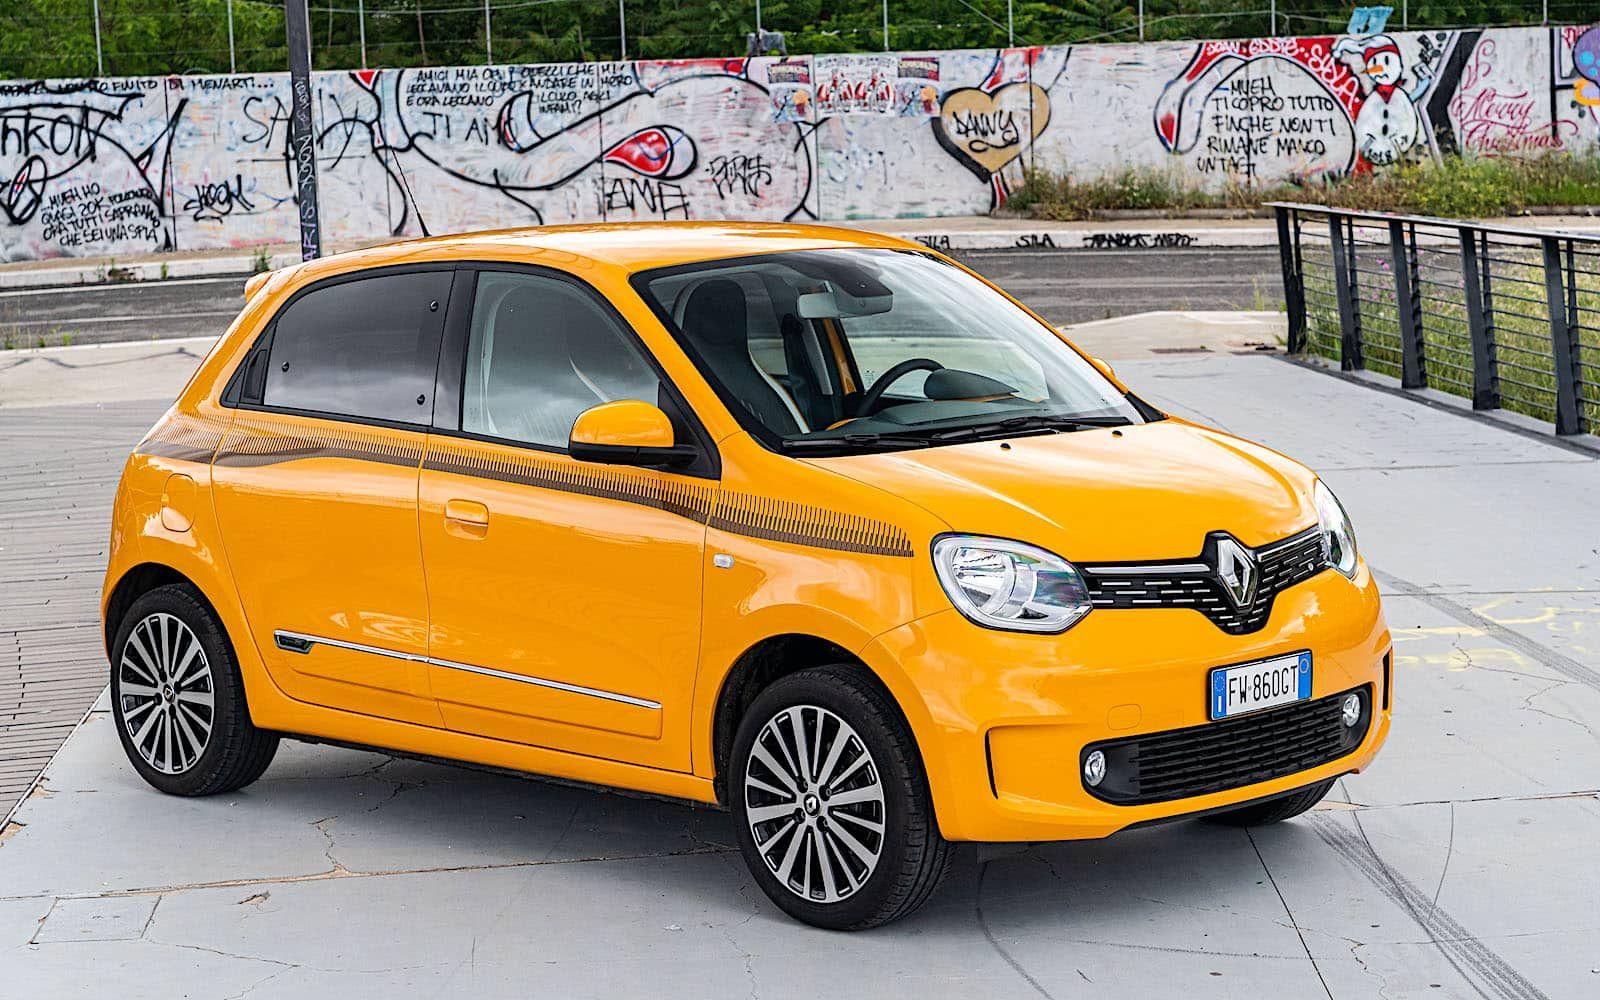 Renault Twingo 2019 Precios Versiones Y Equipamieto En Espana